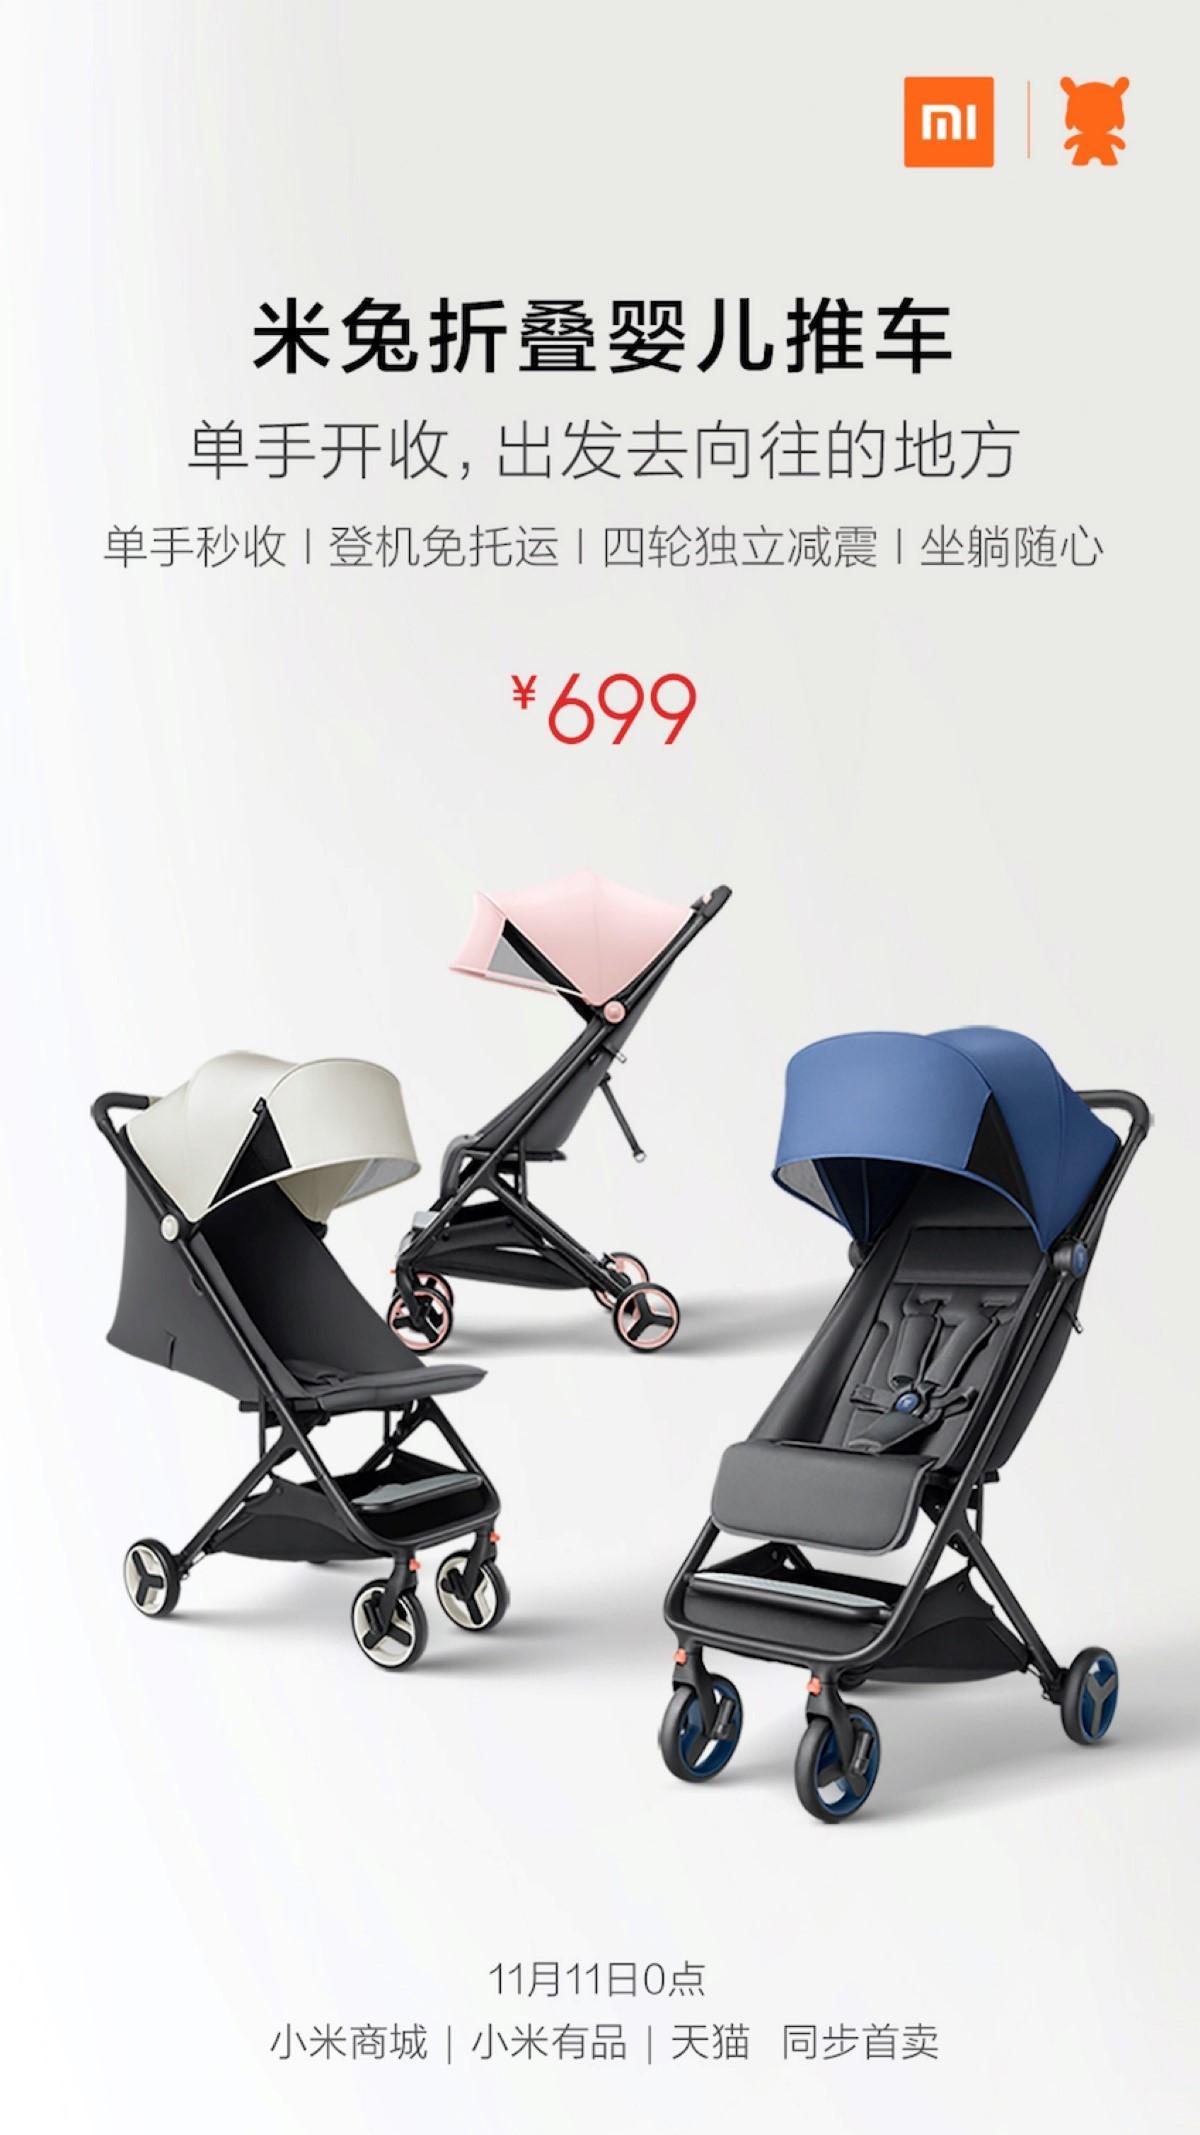 小米发布新风机/ 电磁炉青春版/婴儿折叠推车等多款新品的照片 - 6